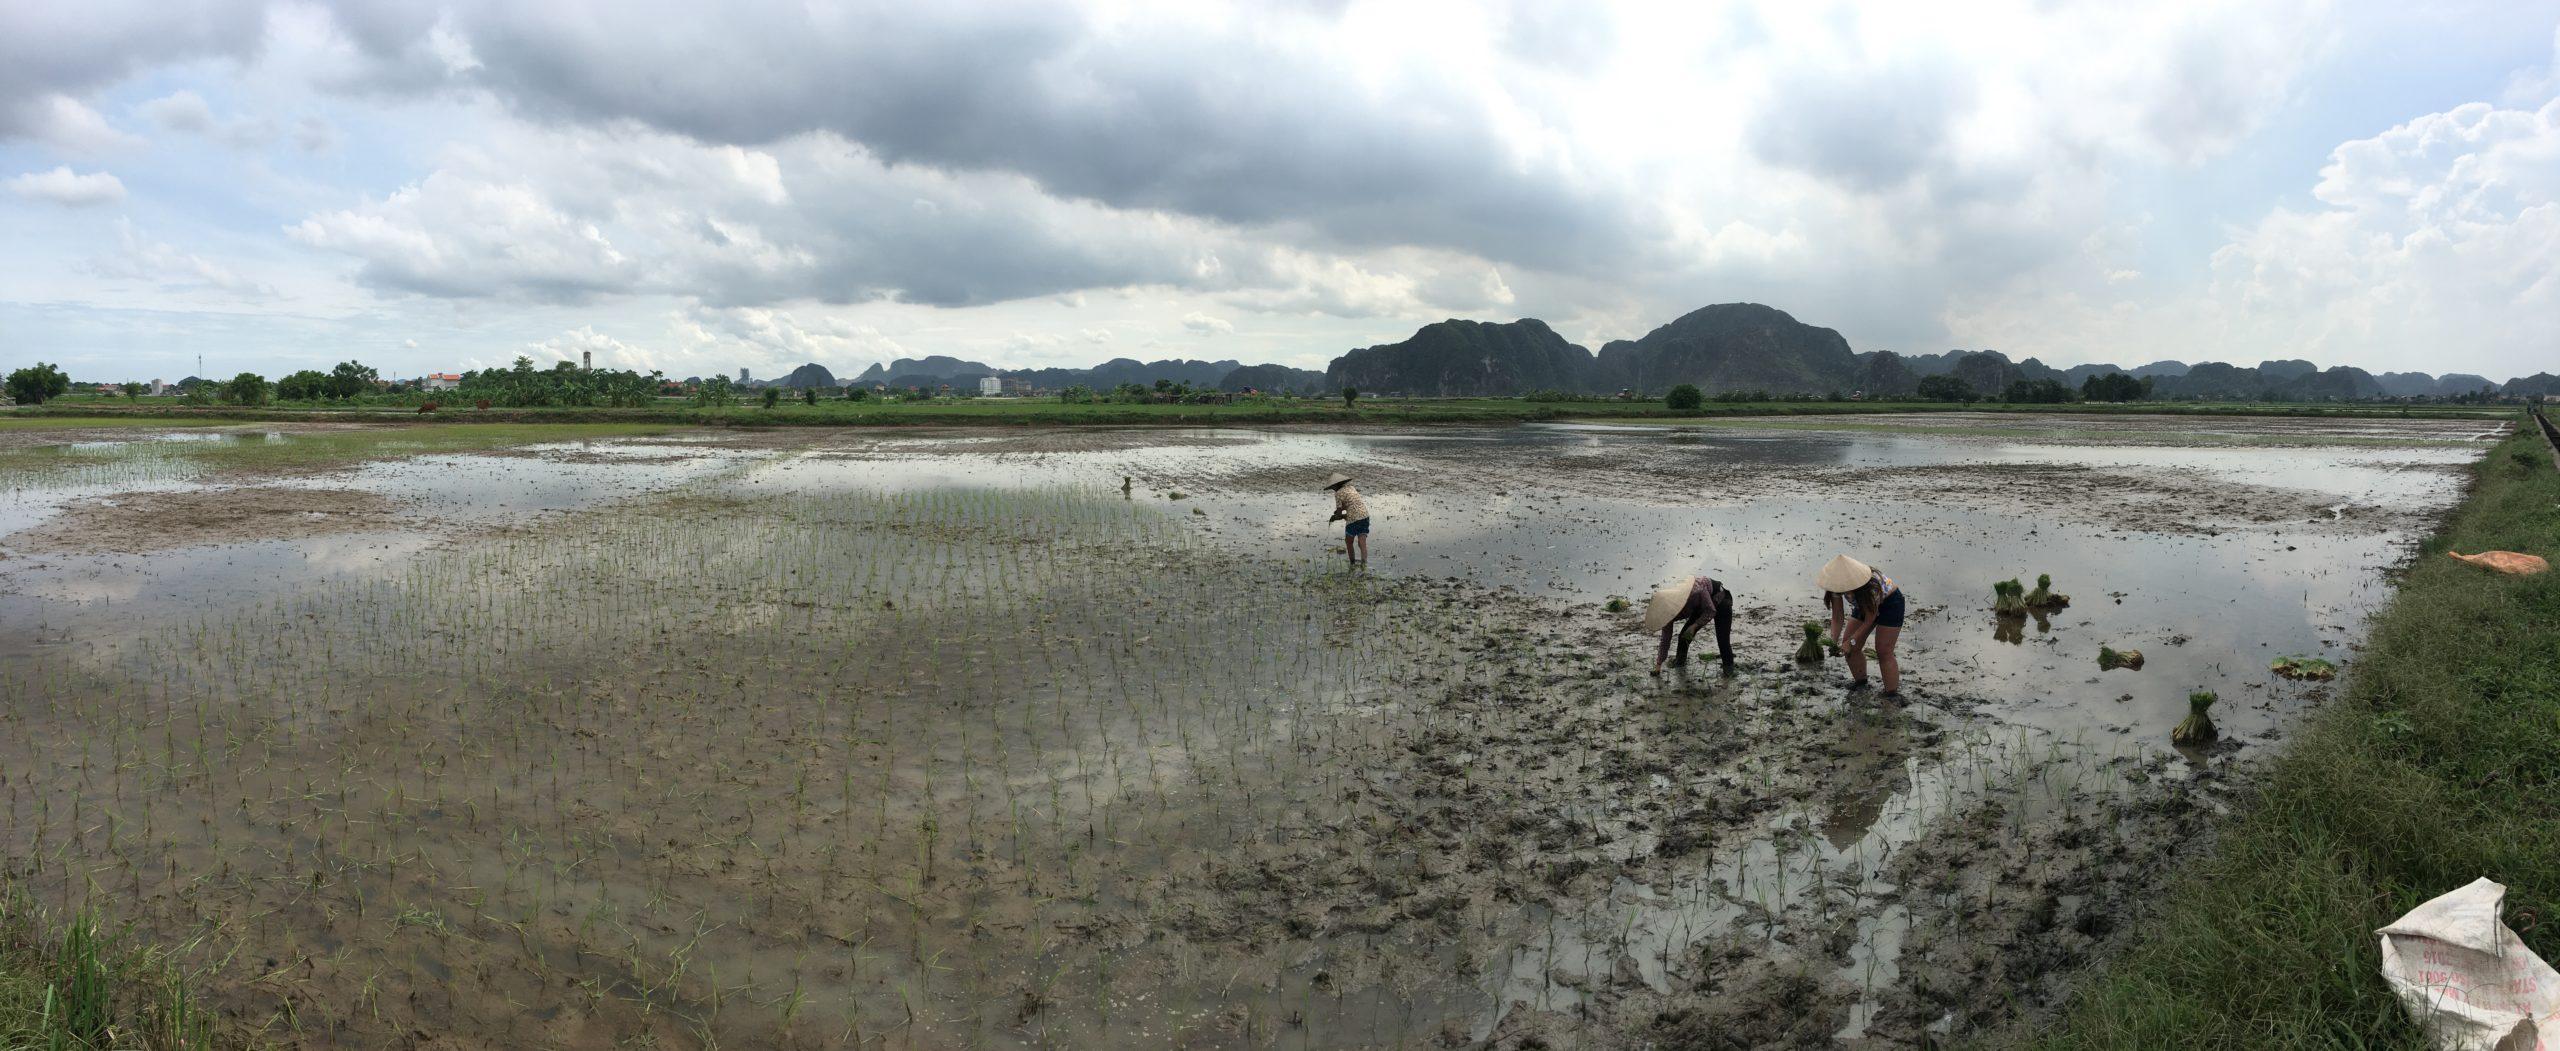 Cultivando arroz en los arrozales de Ninh Binh